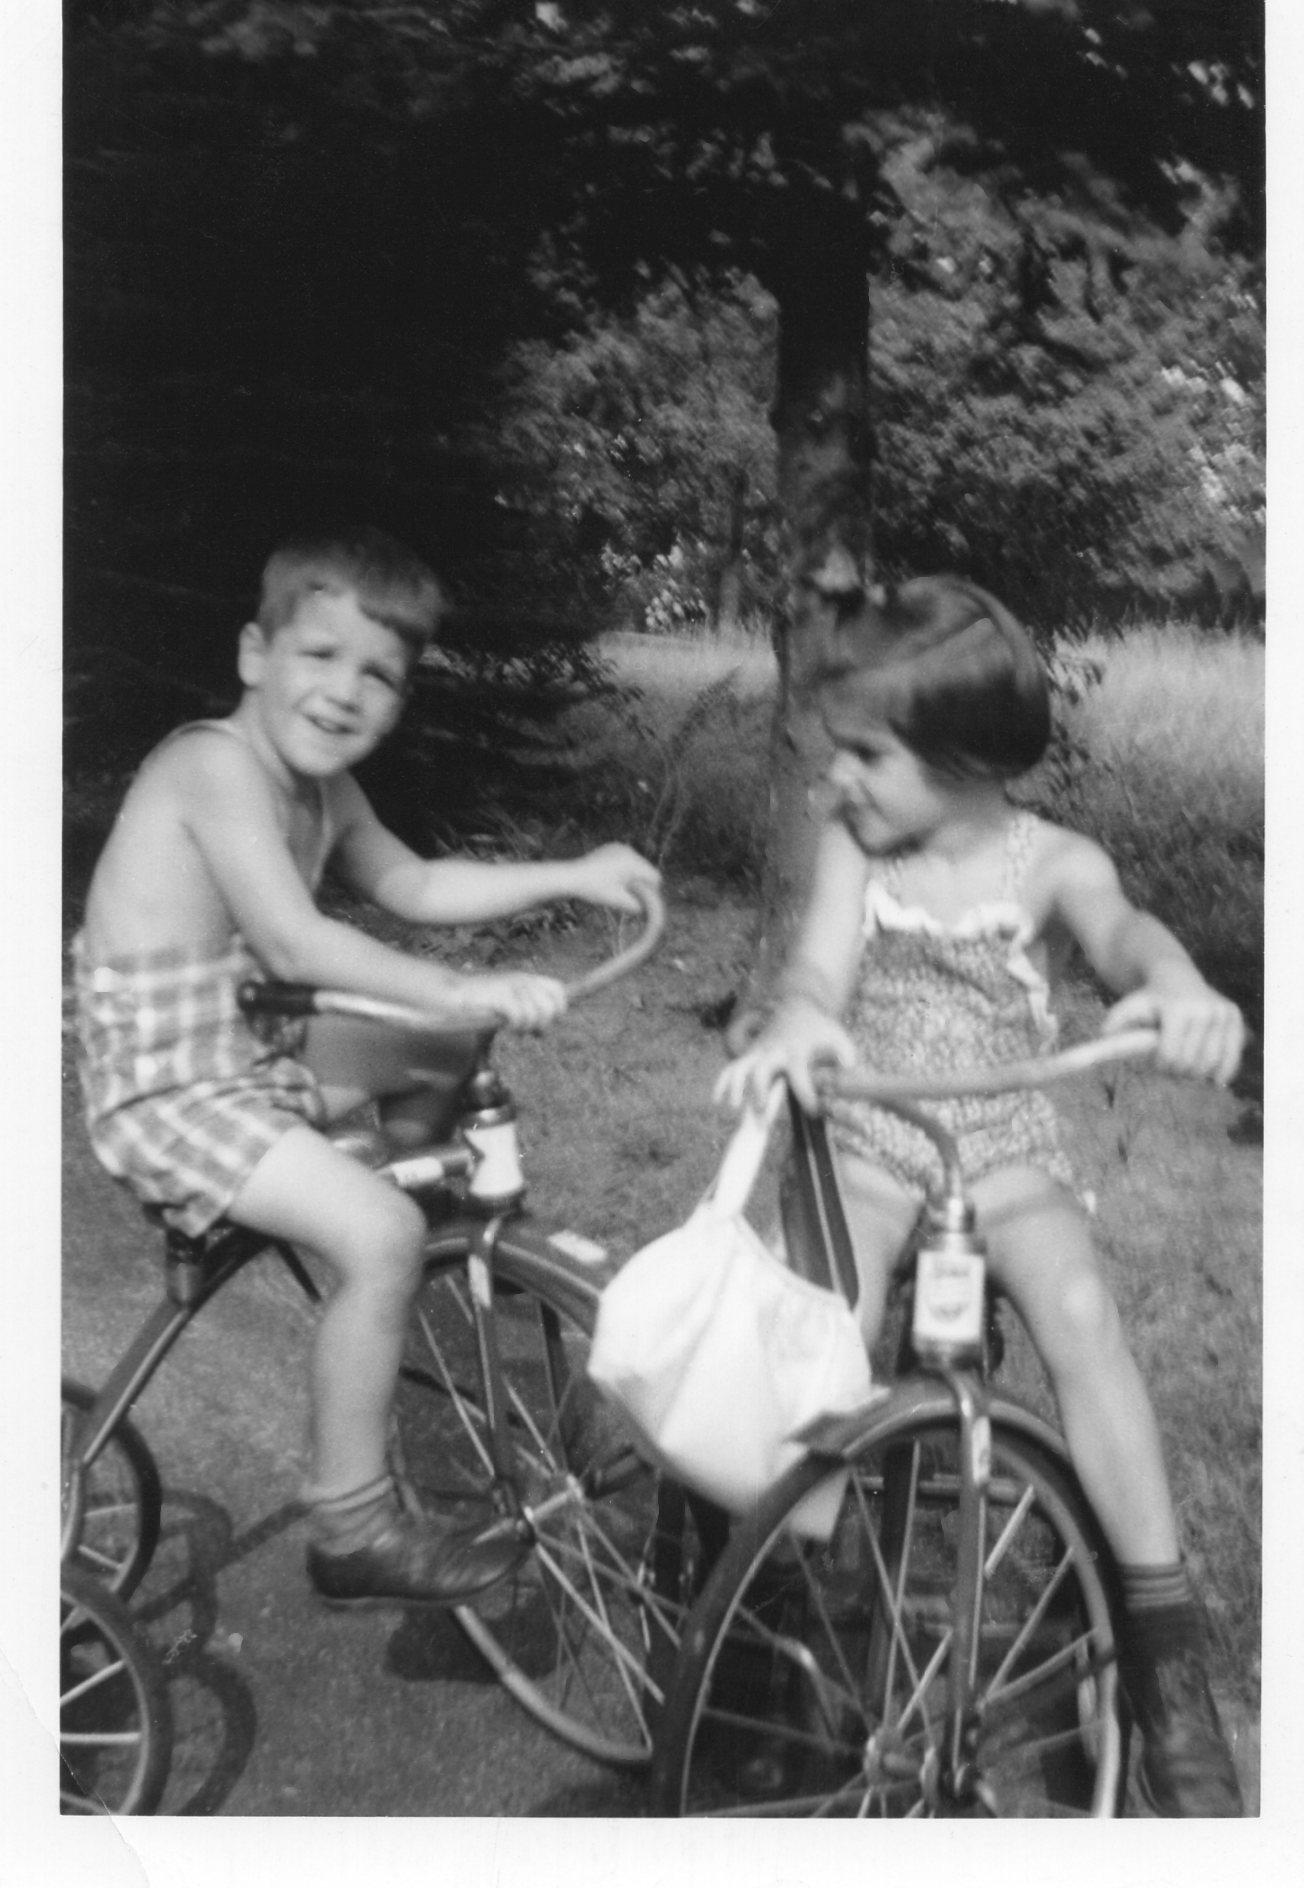 Guy and Sally Reed, Sept. '47, Burlington MA